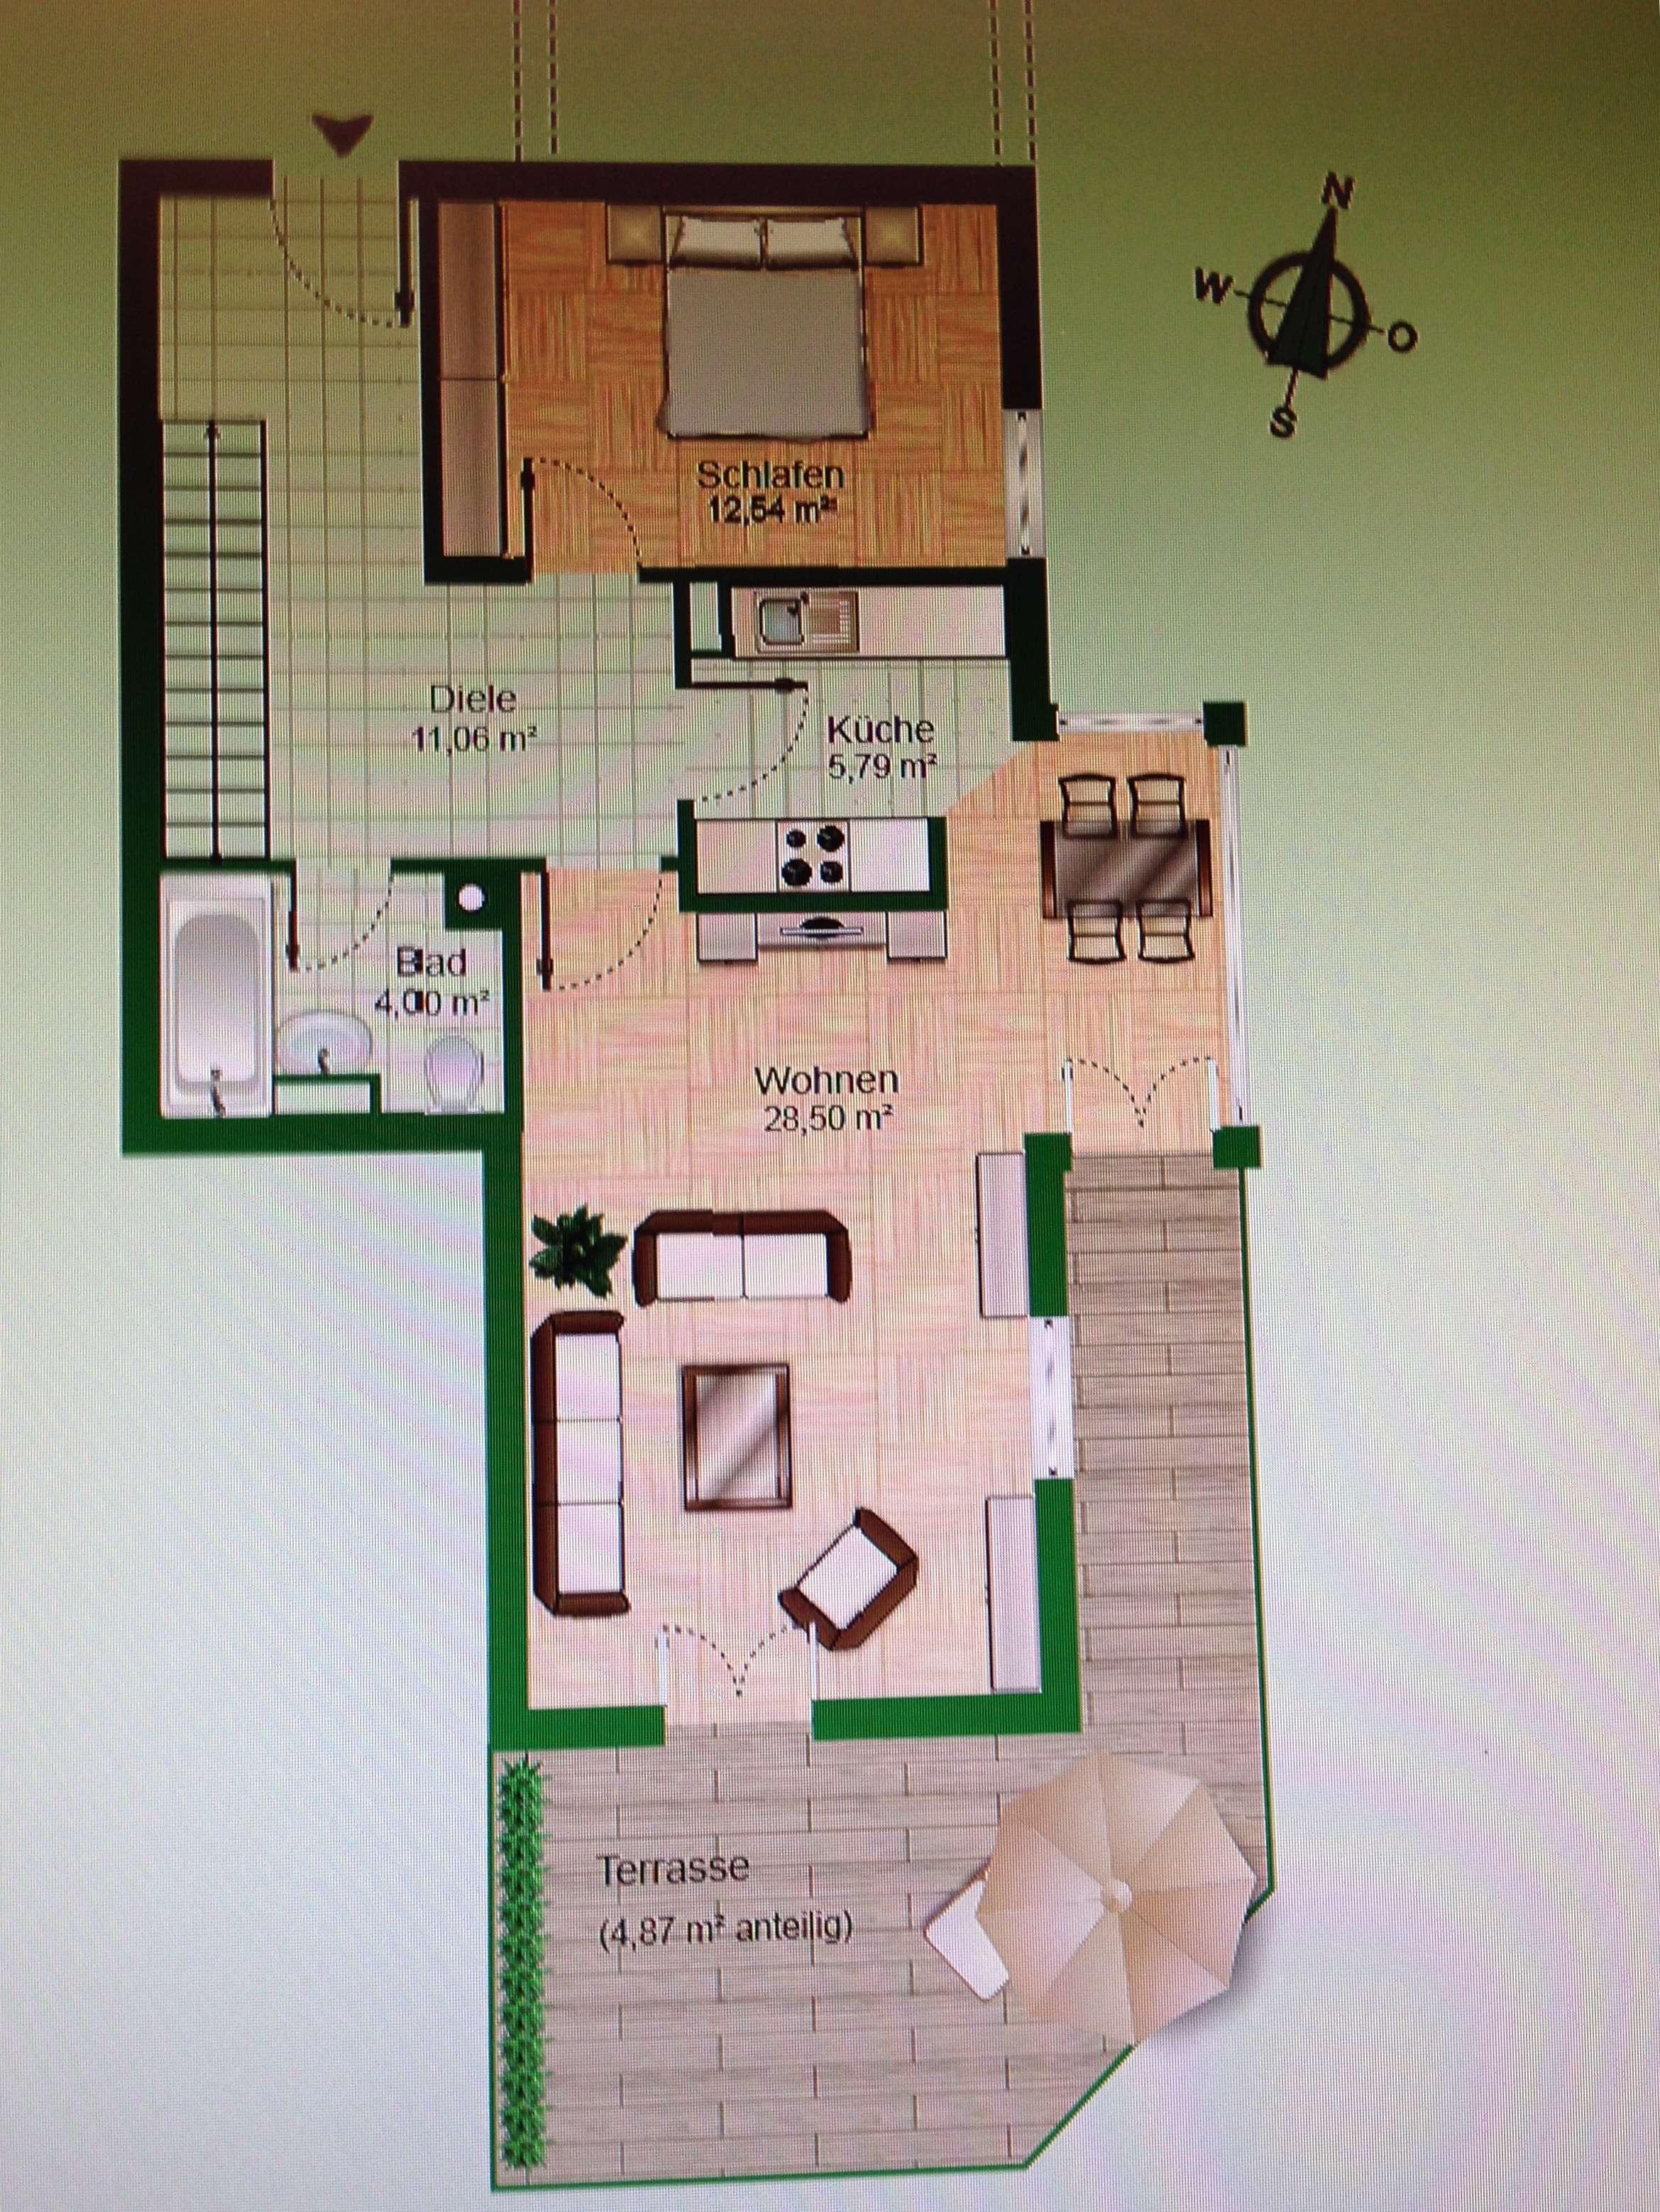 Vollständig renovierte 3,5-Zimmer-Wohnun mit Terrasse und EBK in Bad Tölz in Bad Tölz